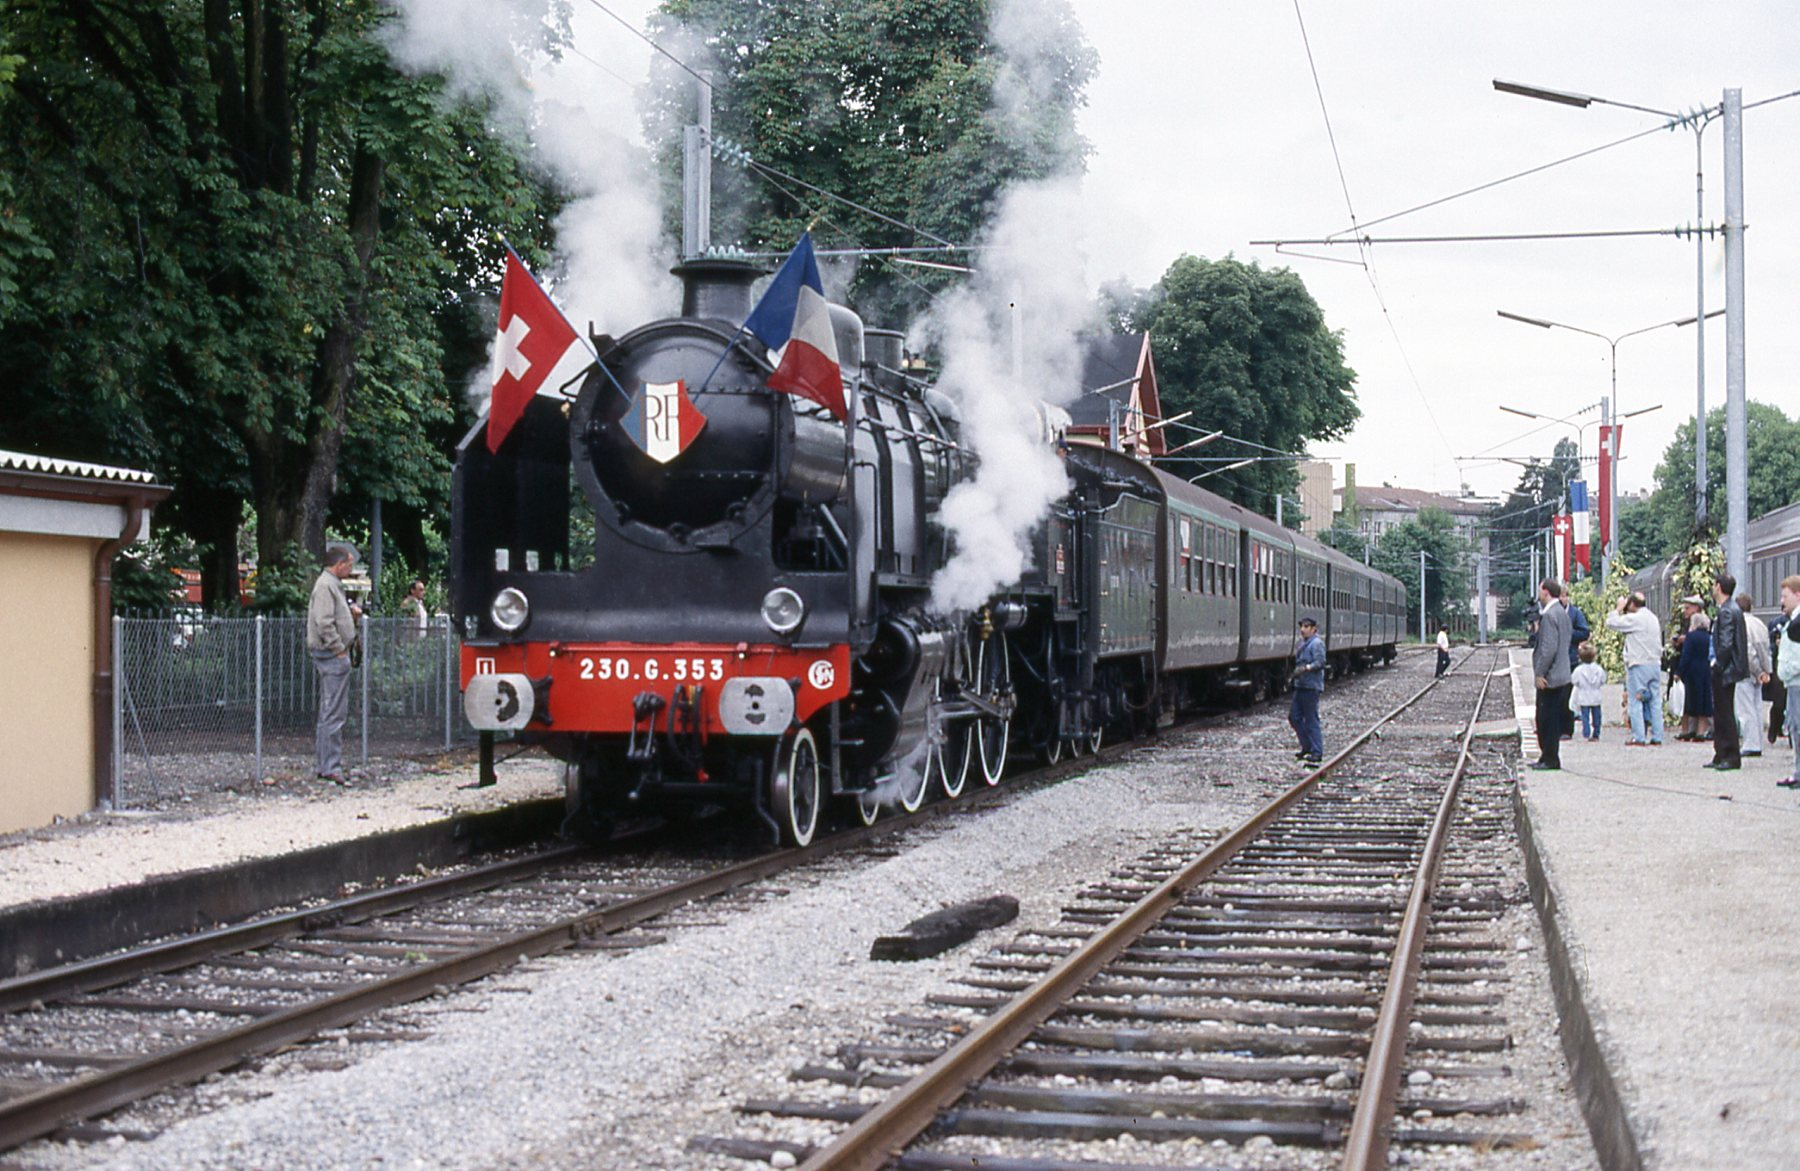 Annemasse France  City pictures : ... Eaux Vives Annemasse Suisse et France 2 Wikimedia Commons